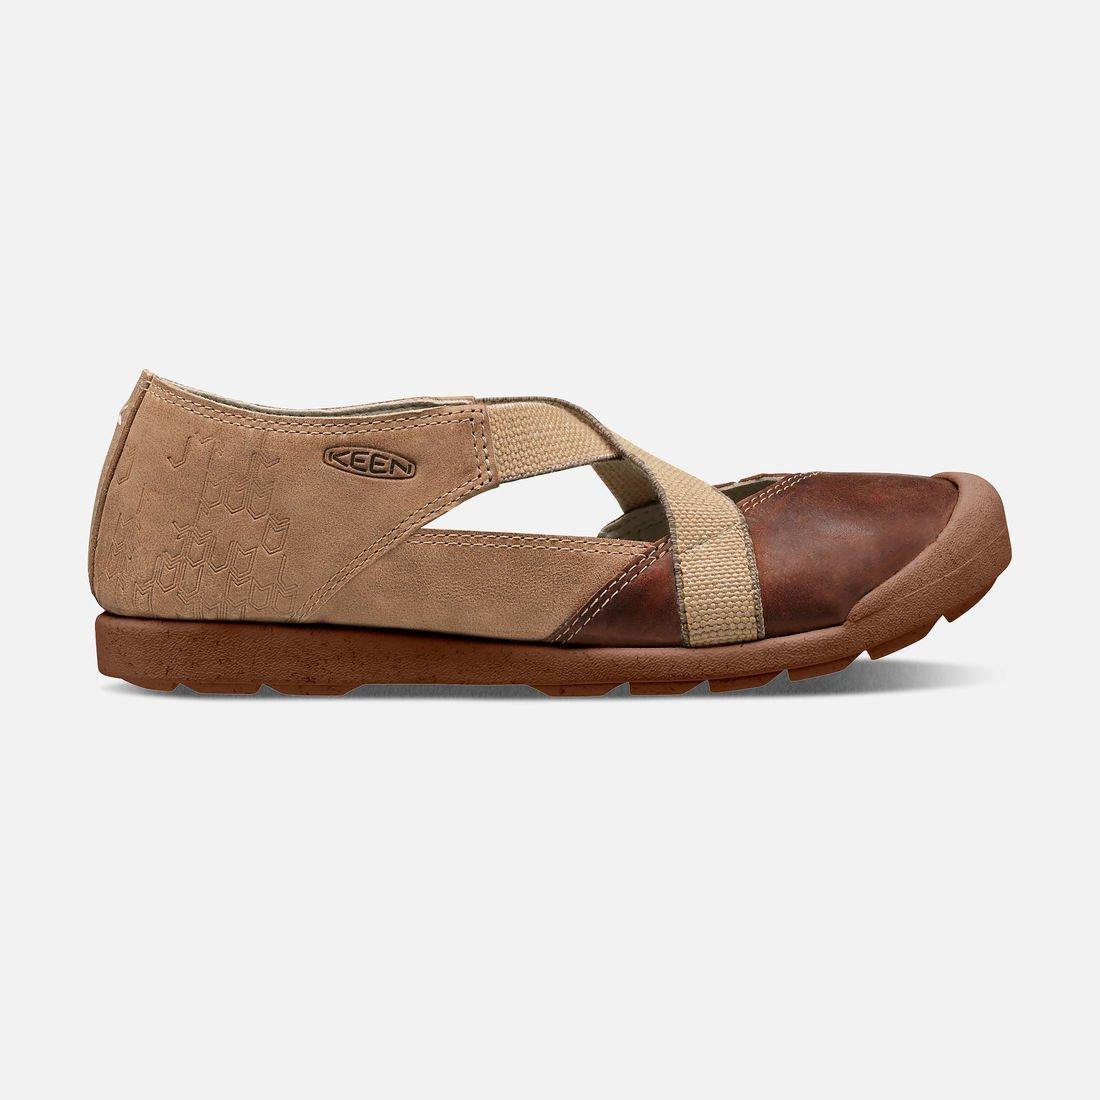 W Lower East Side Shoe